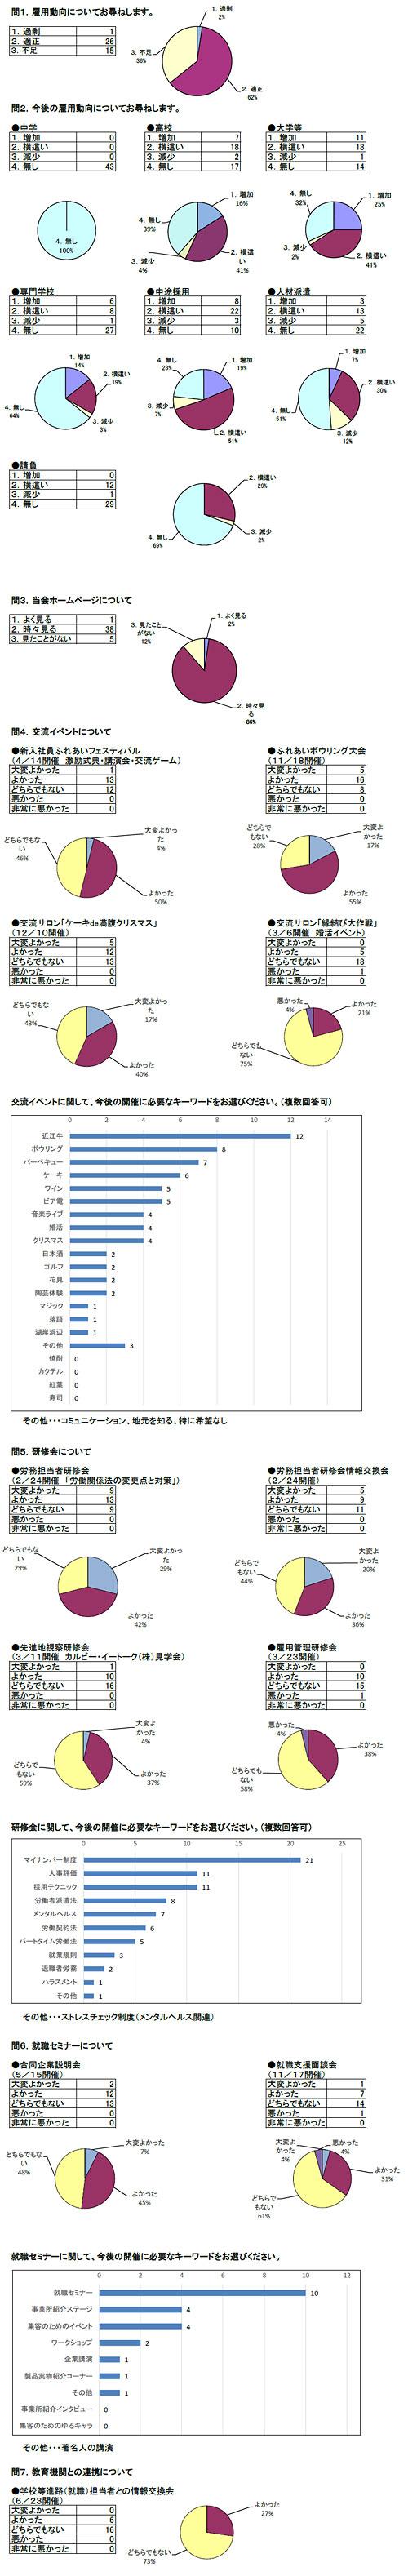 平成26年度会員事業所ニーズ調査